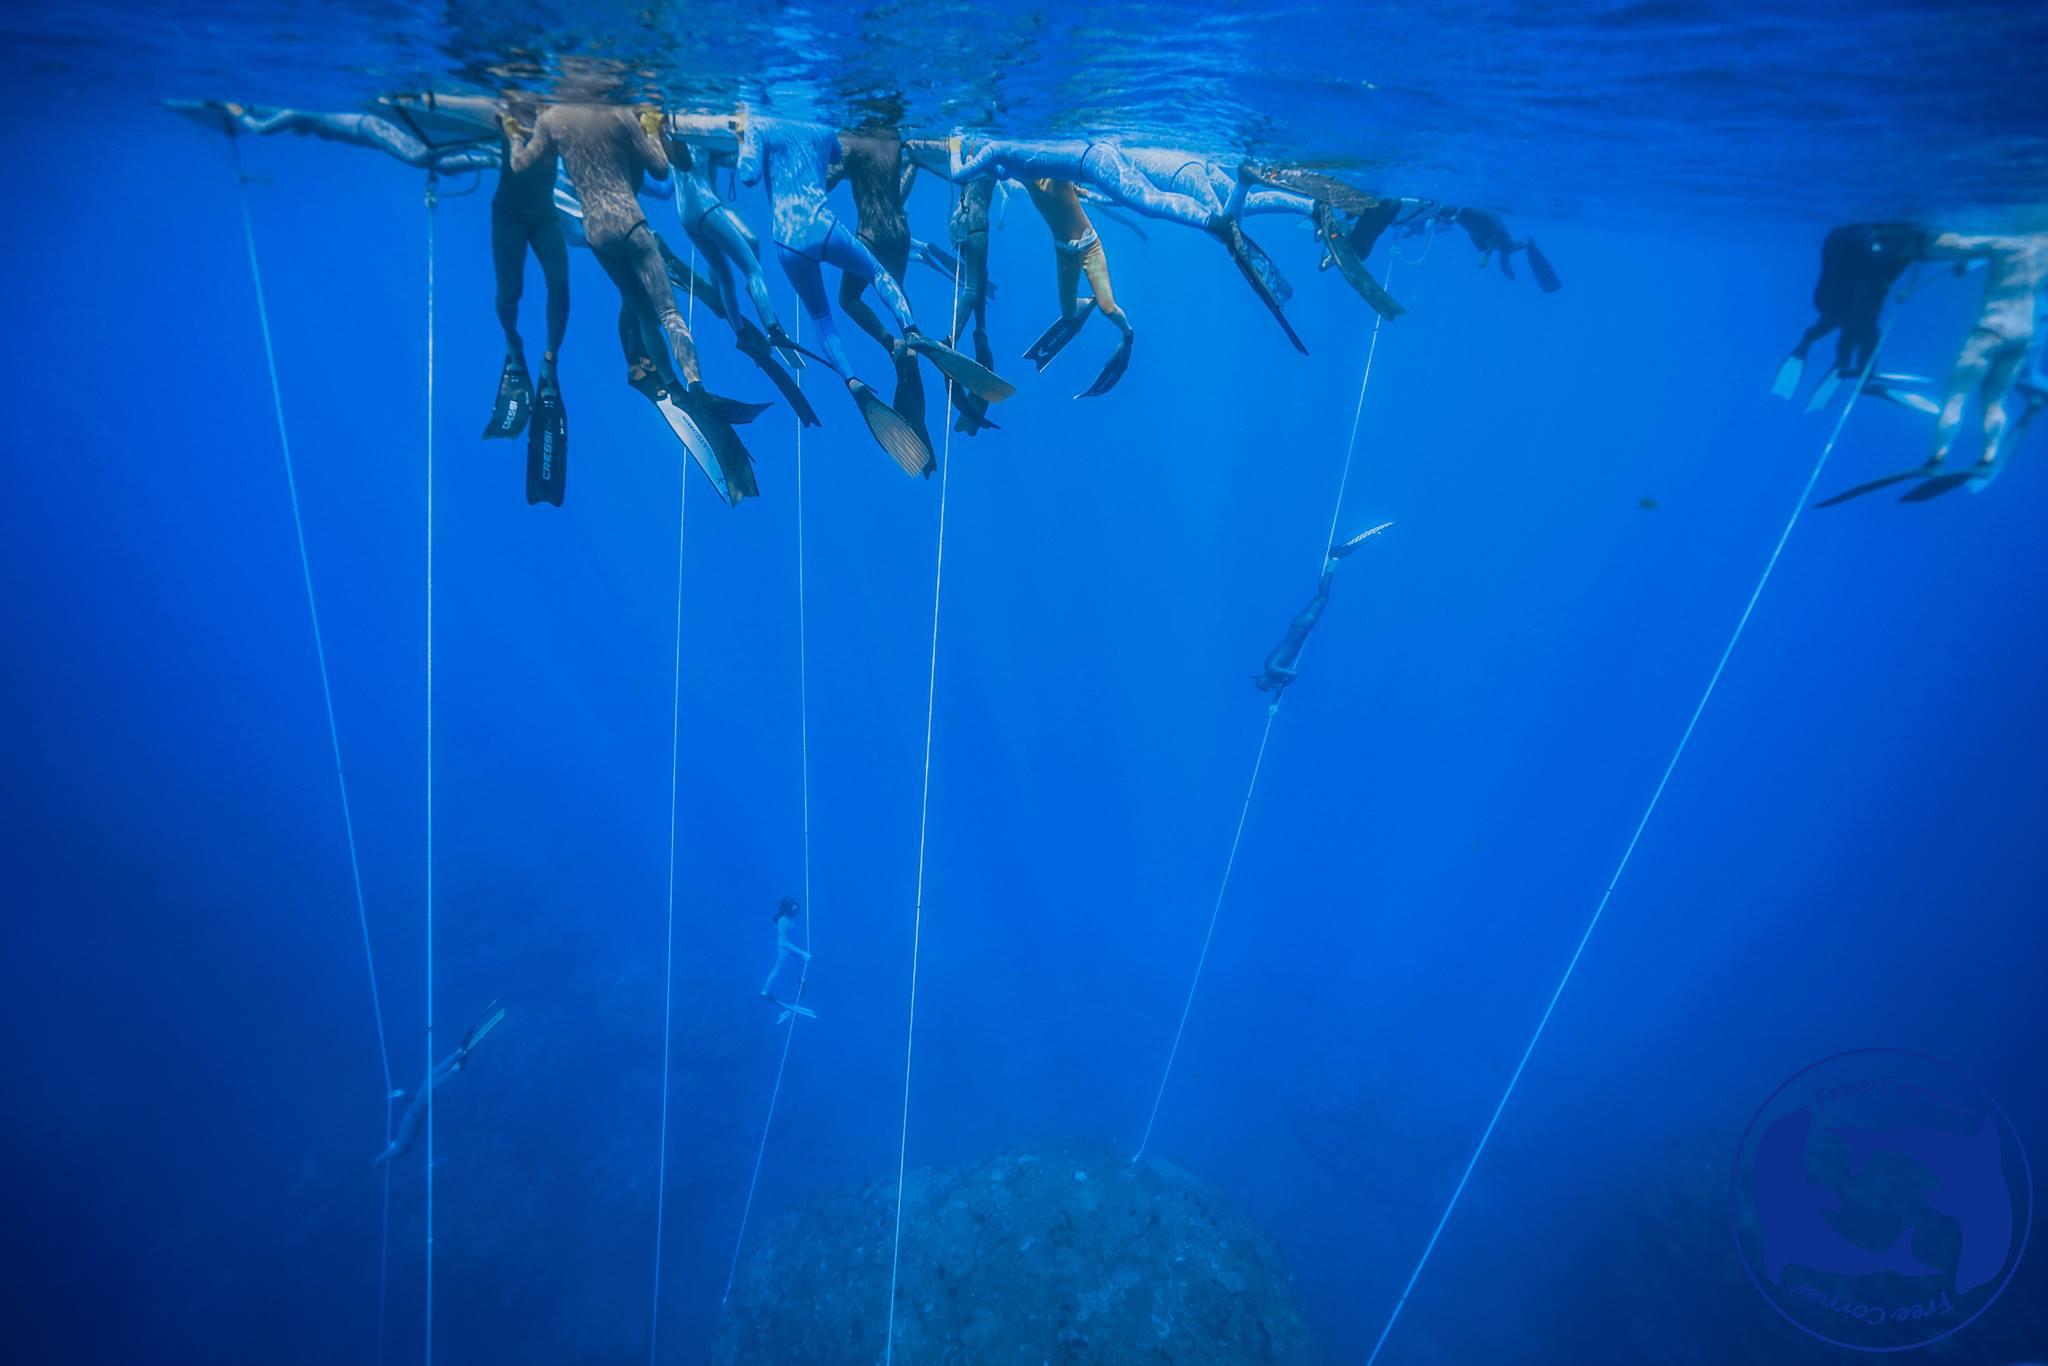 四月到六月,墾丁最棒的潛水季節到來了,湛藍的海、平靜的浪....有空一起來泡泡水吧~